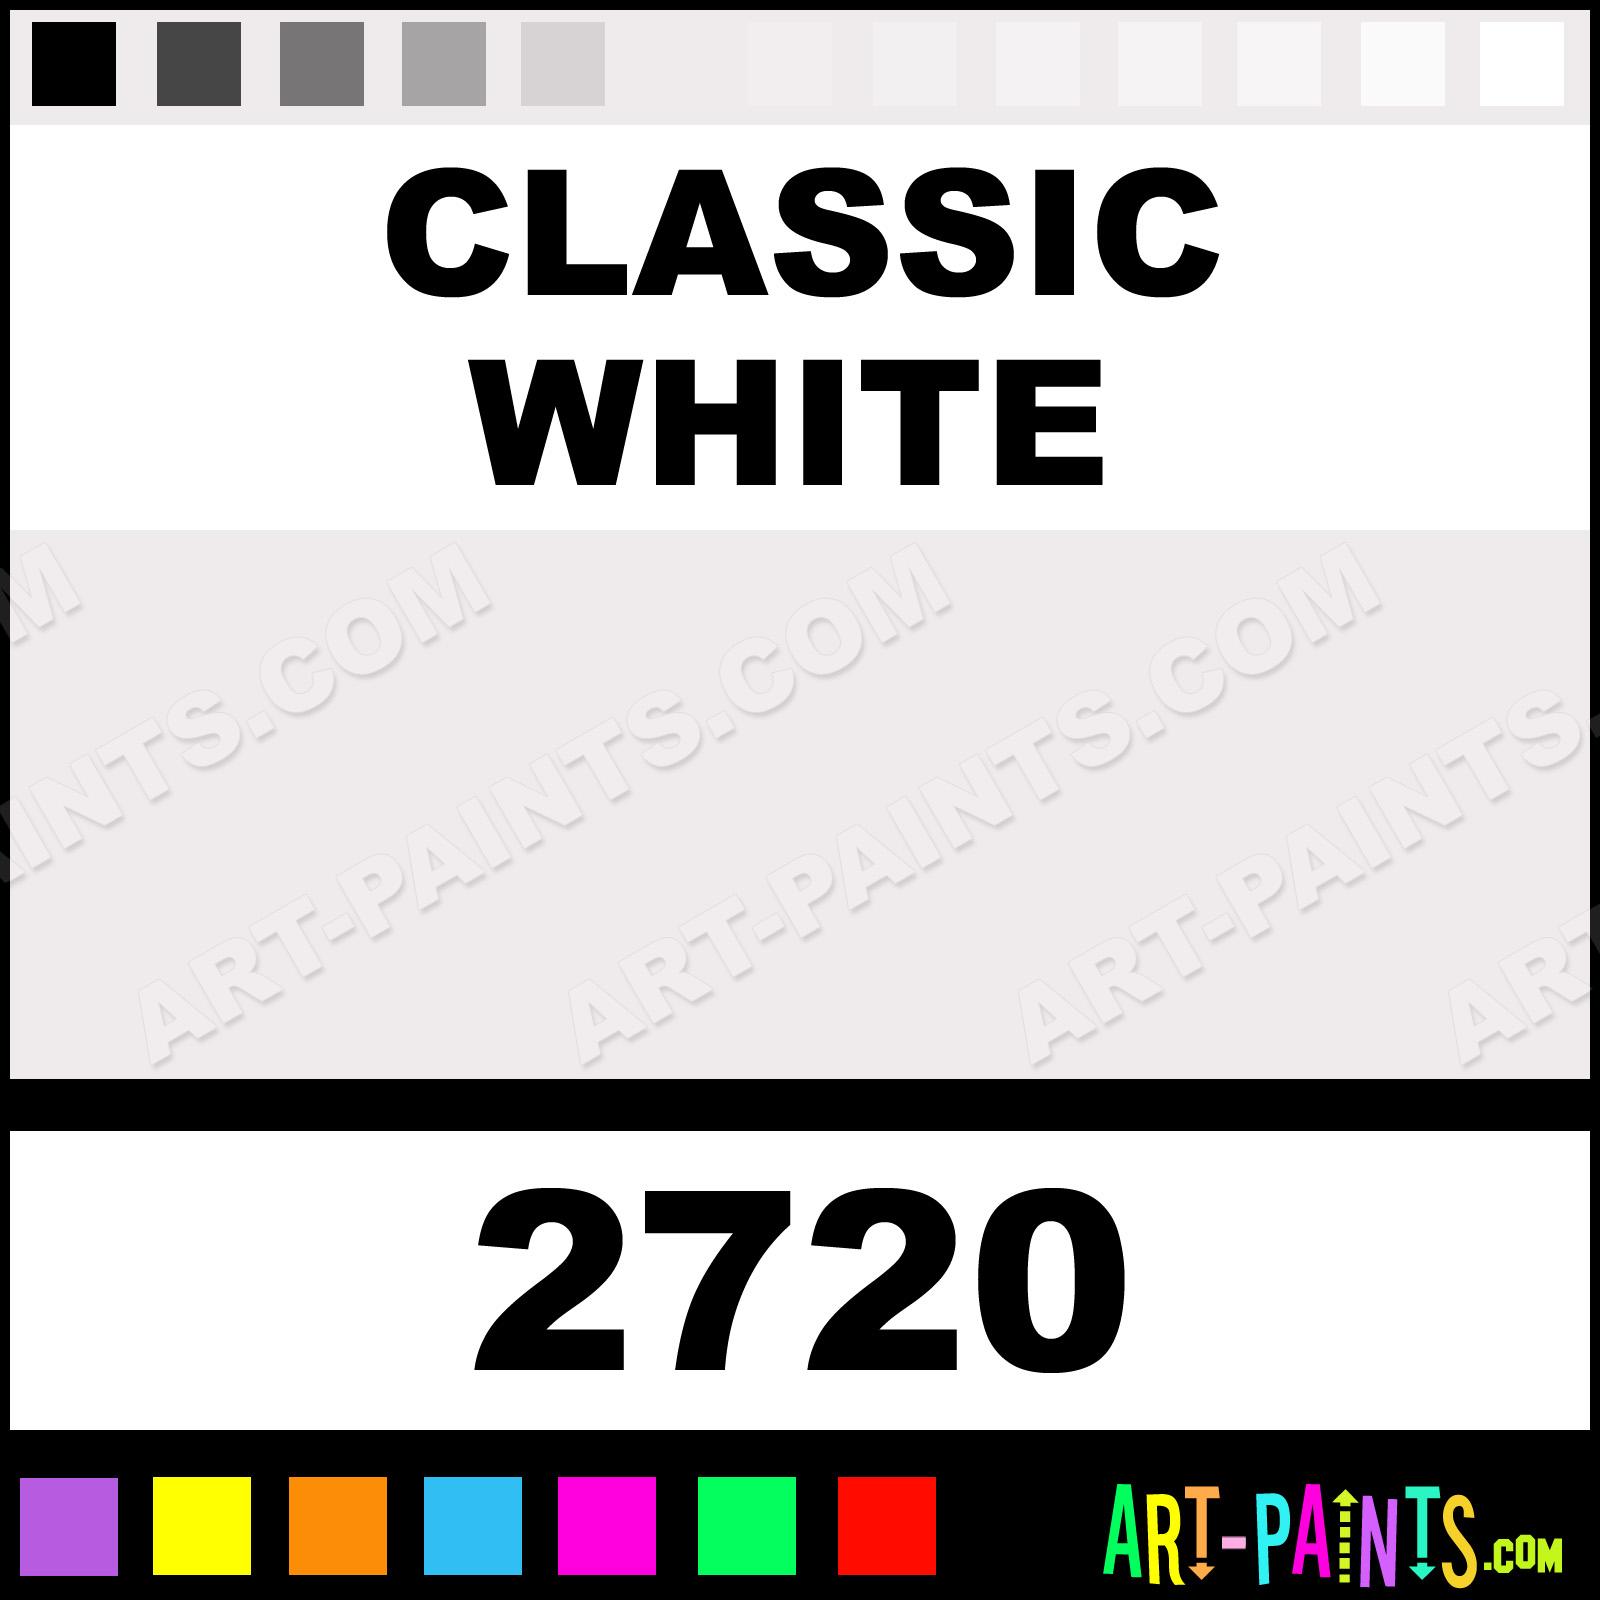 Classic Car Enamel Paint